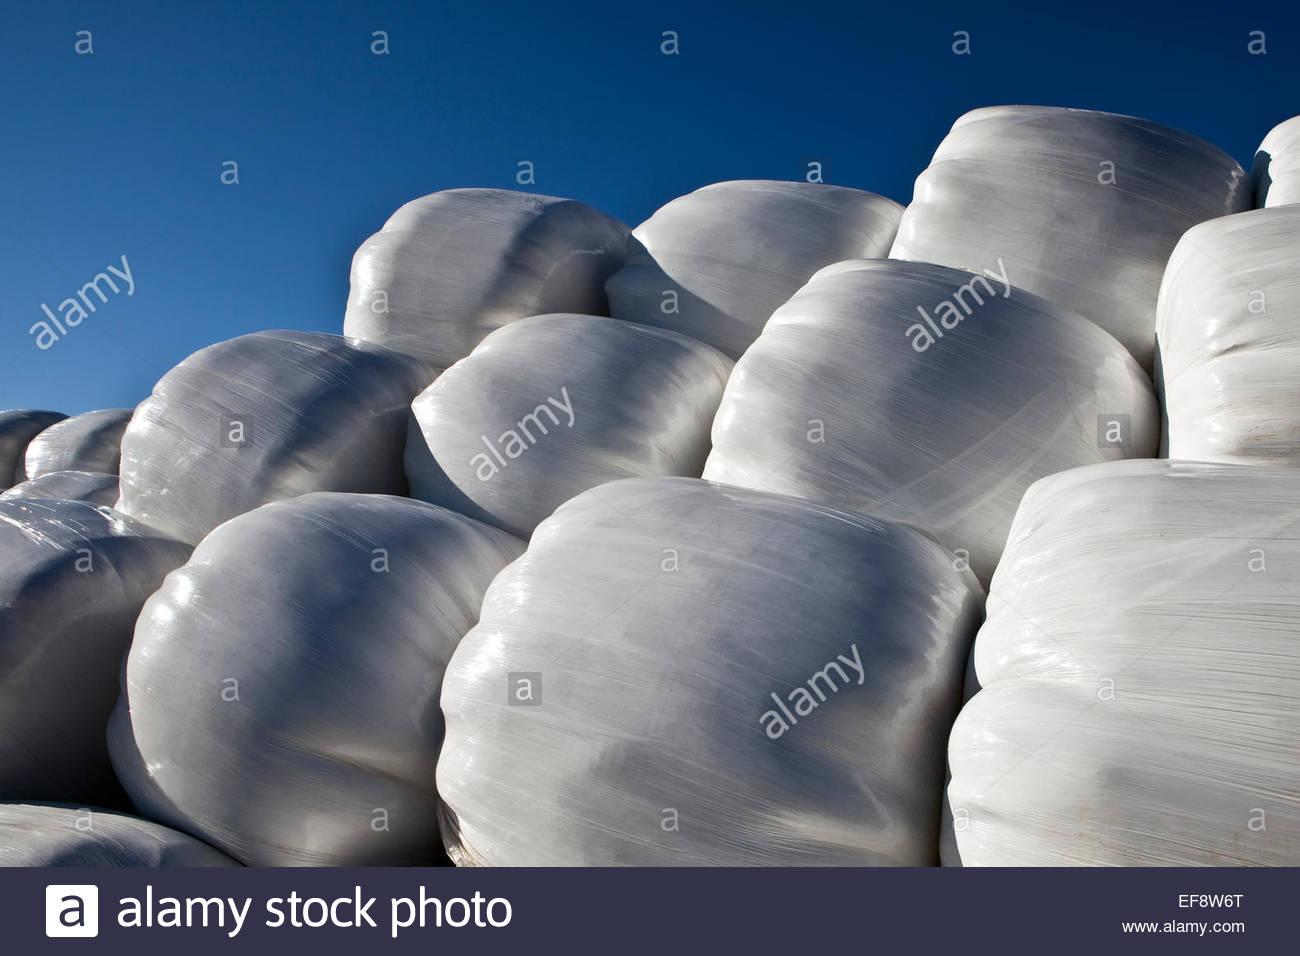 Iceland, Whalefjord, Pile of white sacks against blue sky - Stock Image